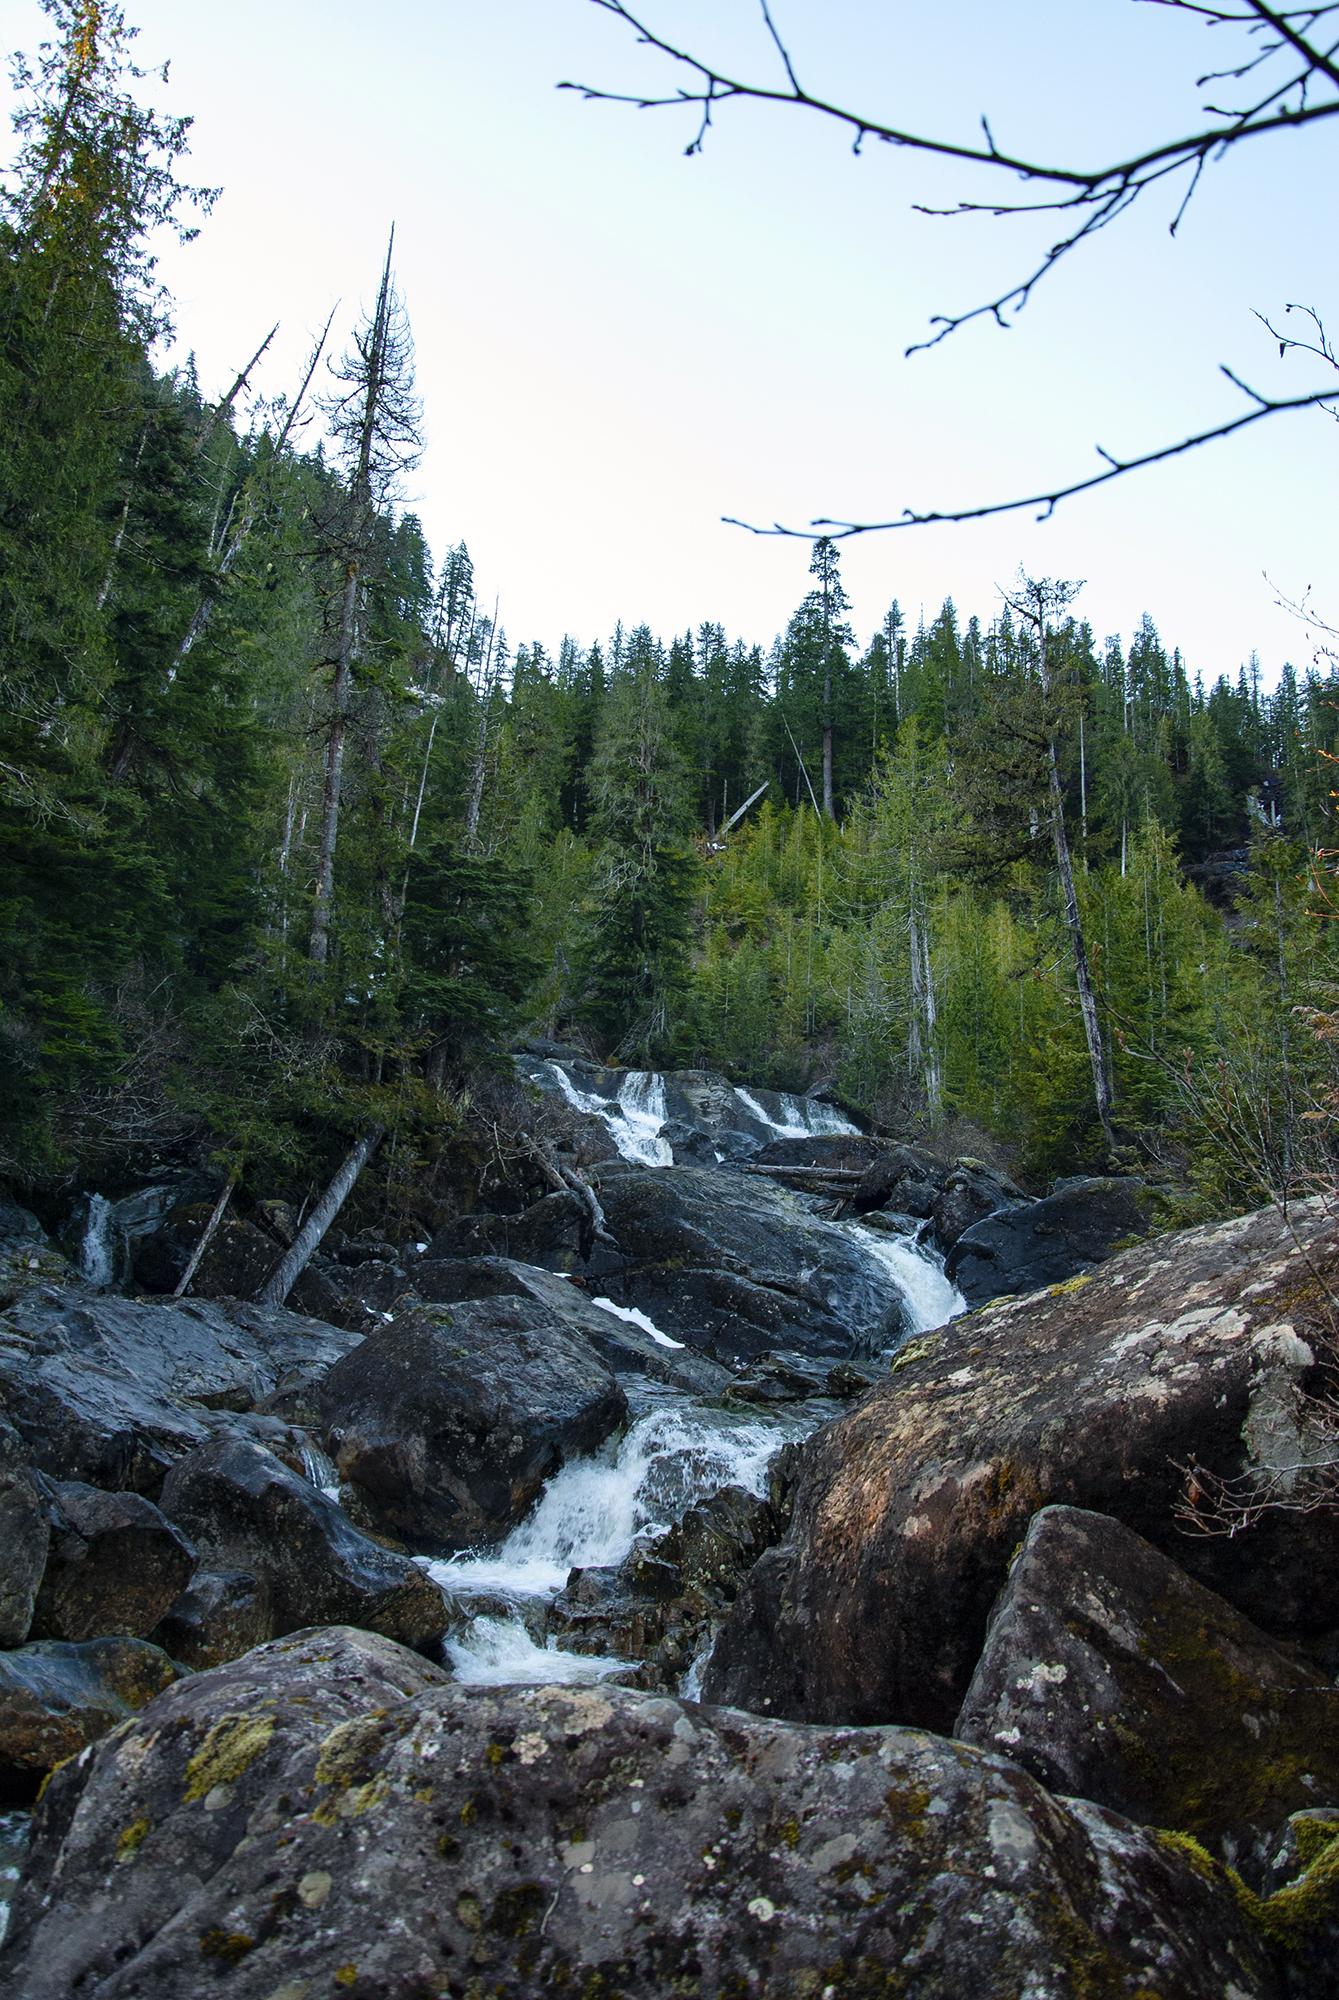 Generic Van Life - The Ultimate Vancouver Island Road Trip - Cala Falls